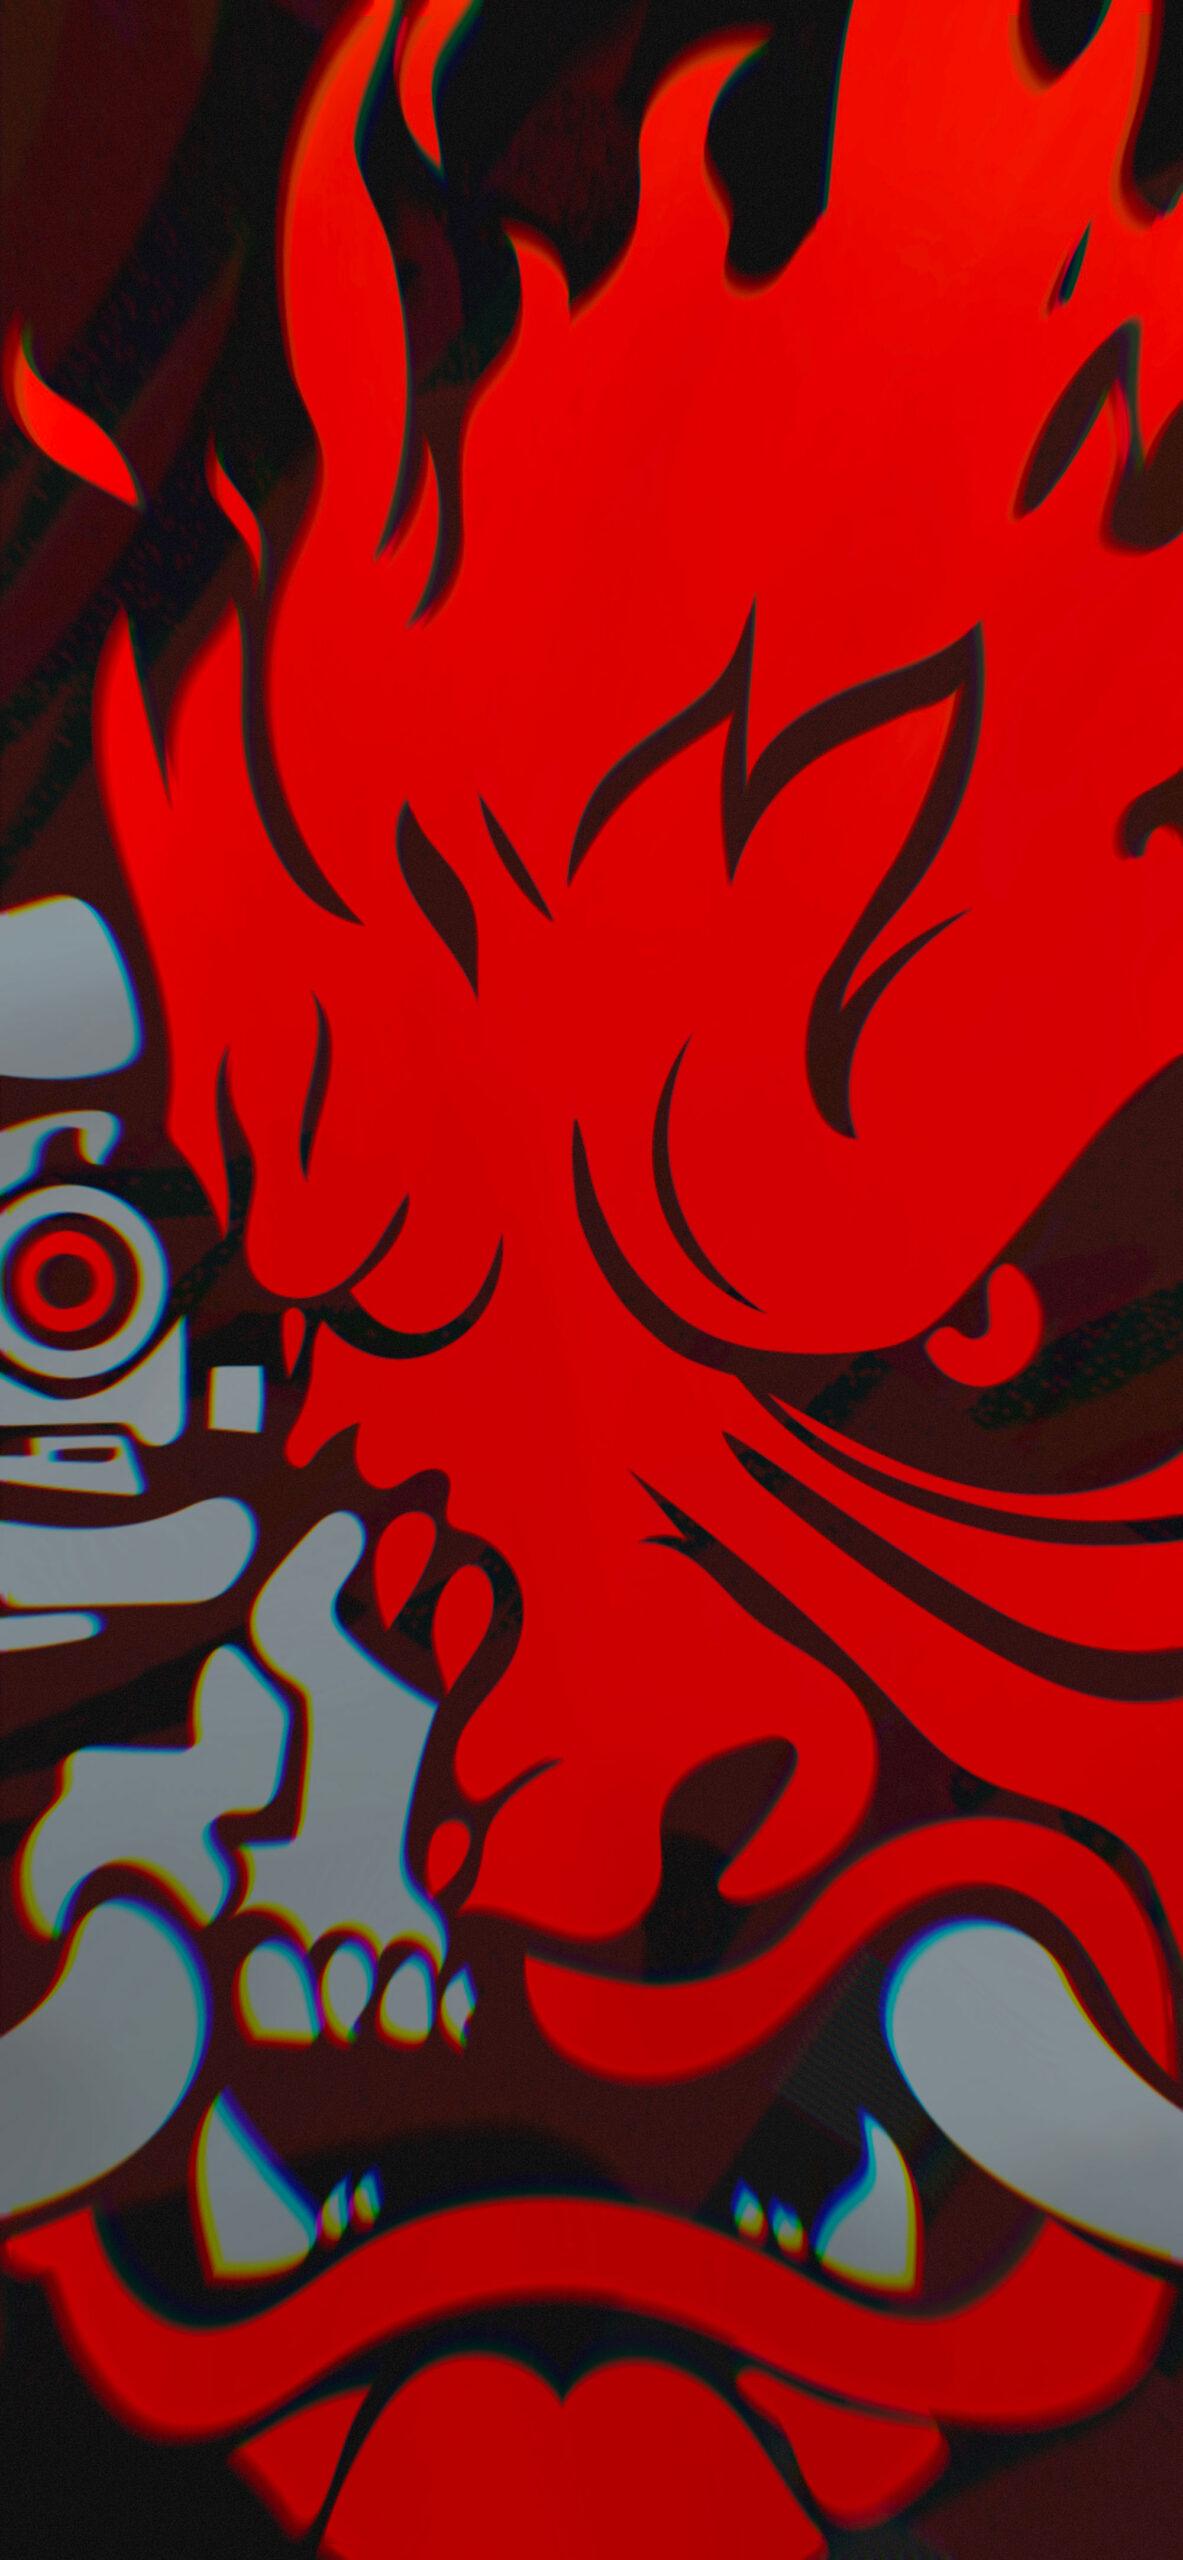 cyberpunk 2077 samurai logo red wallpaper